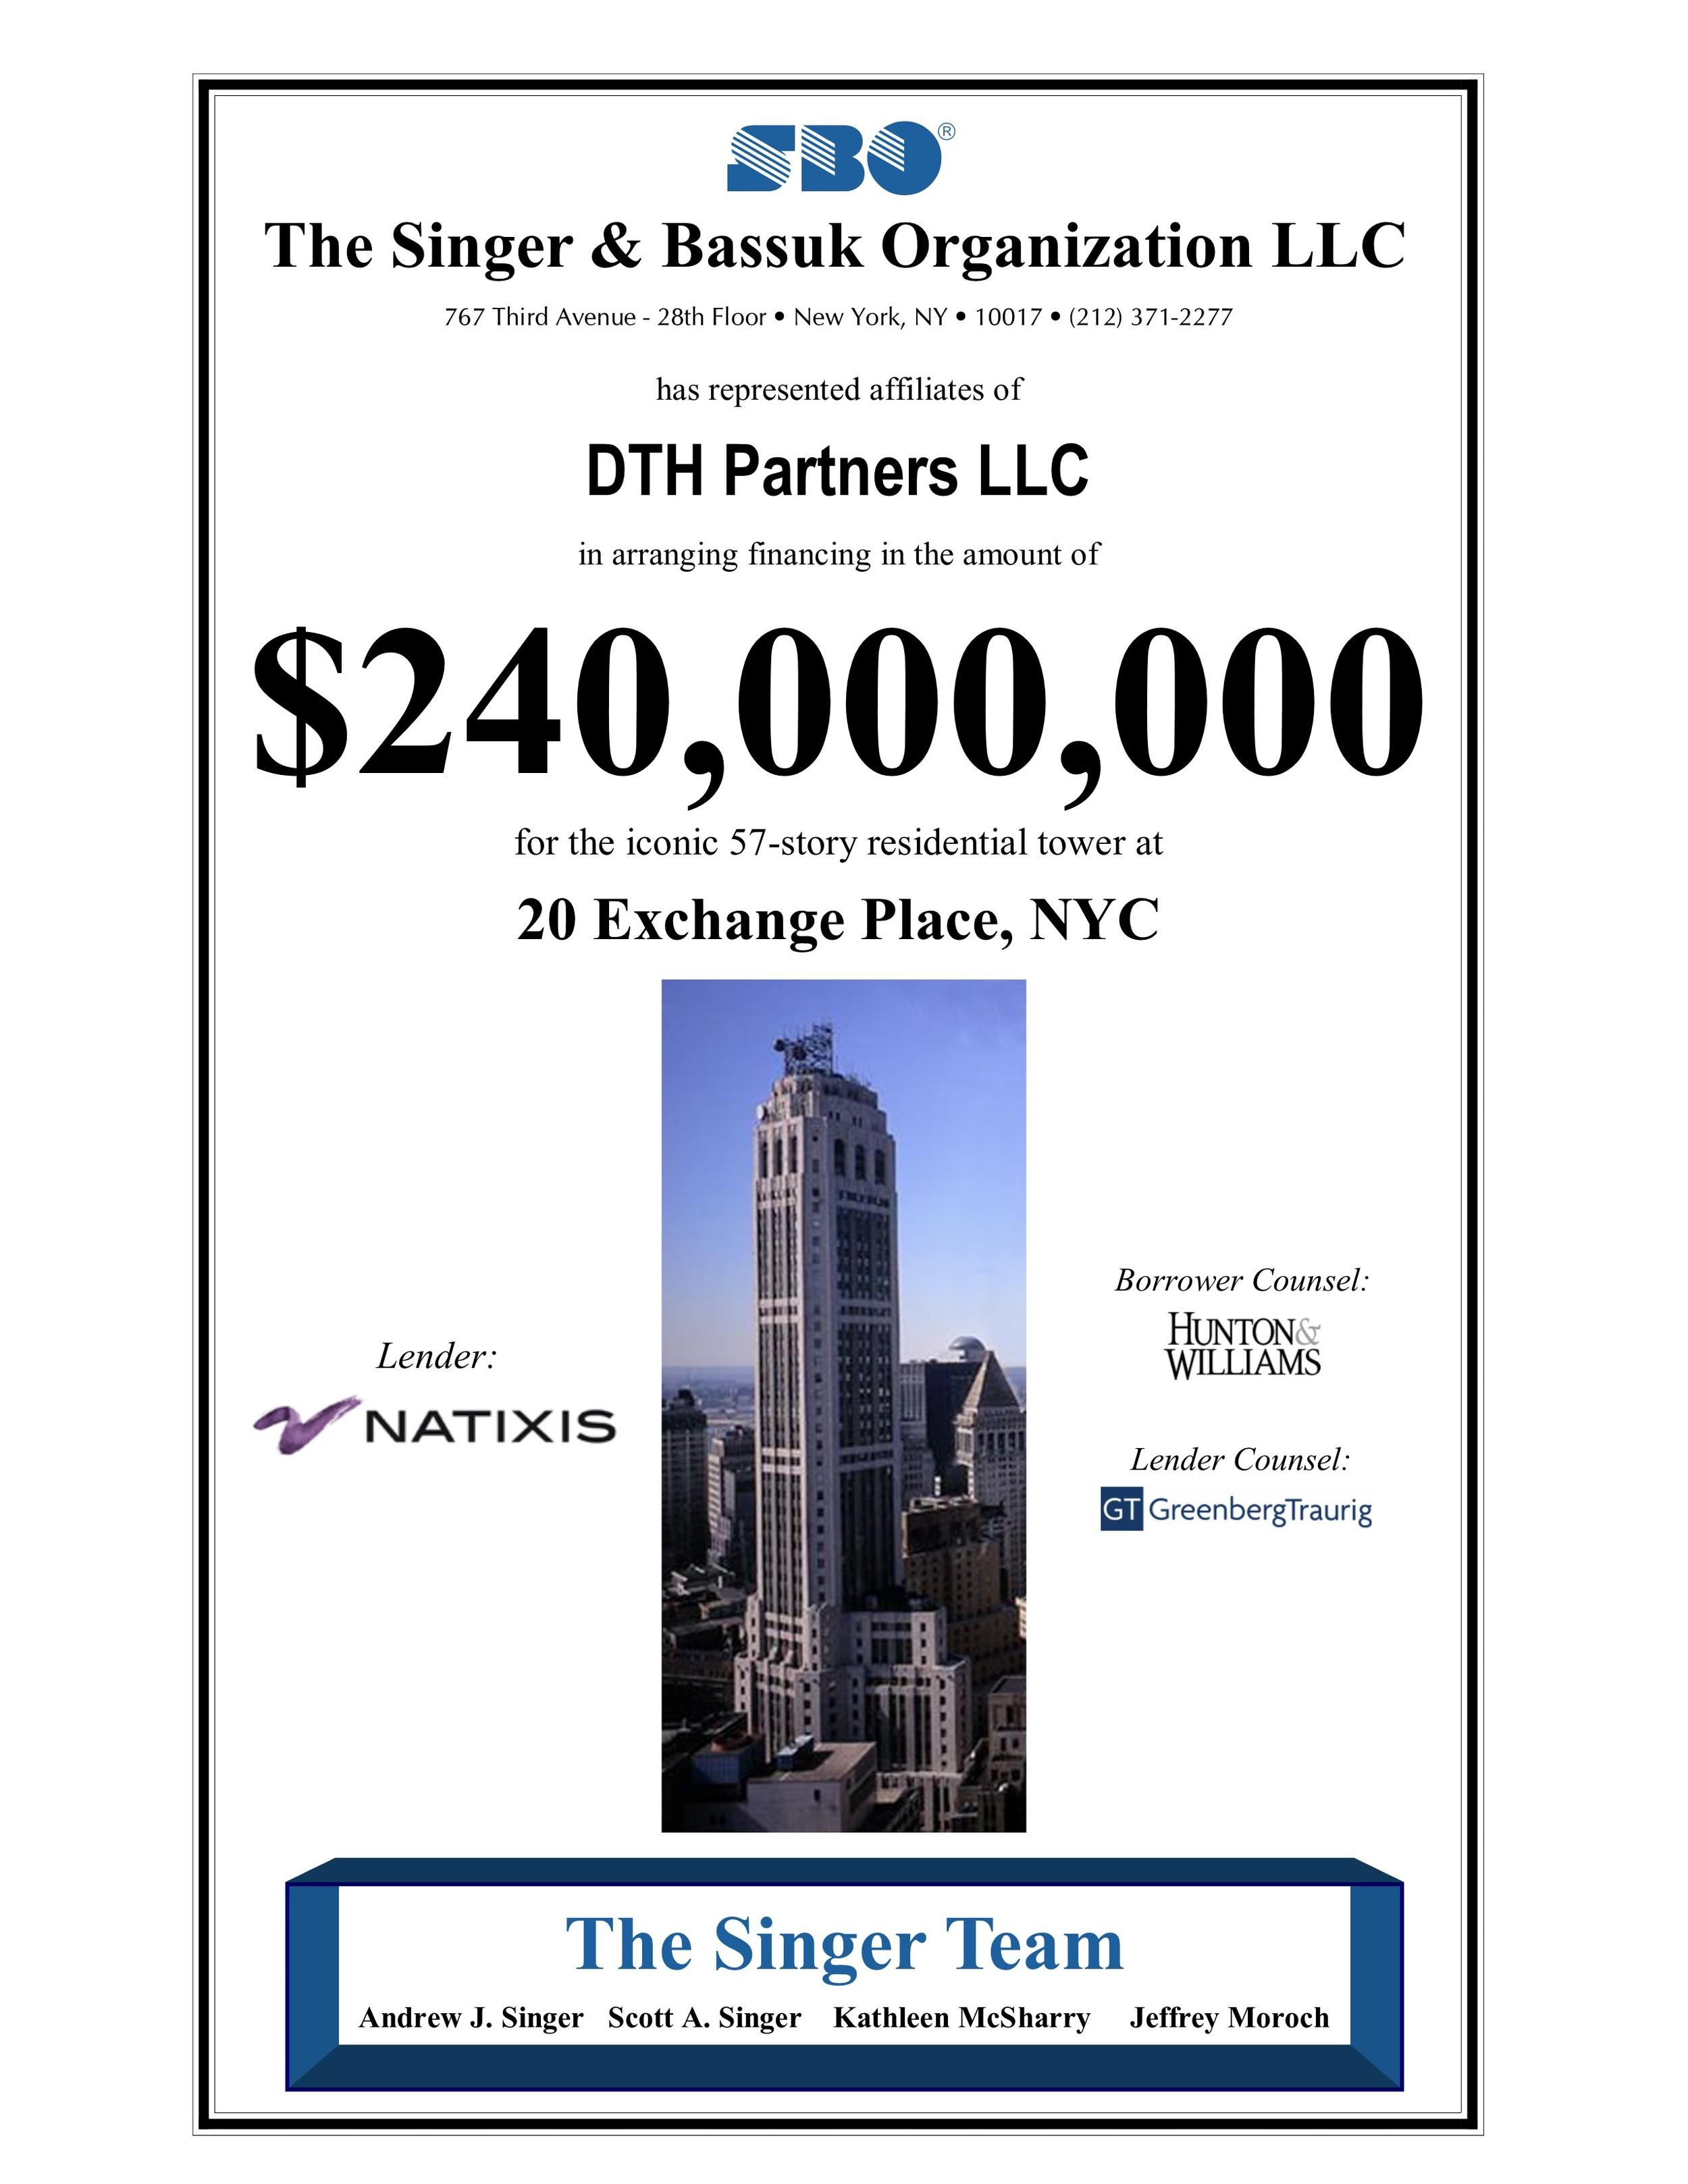 20Xchange Natixis Loan 2014-FINAL - website.jpg